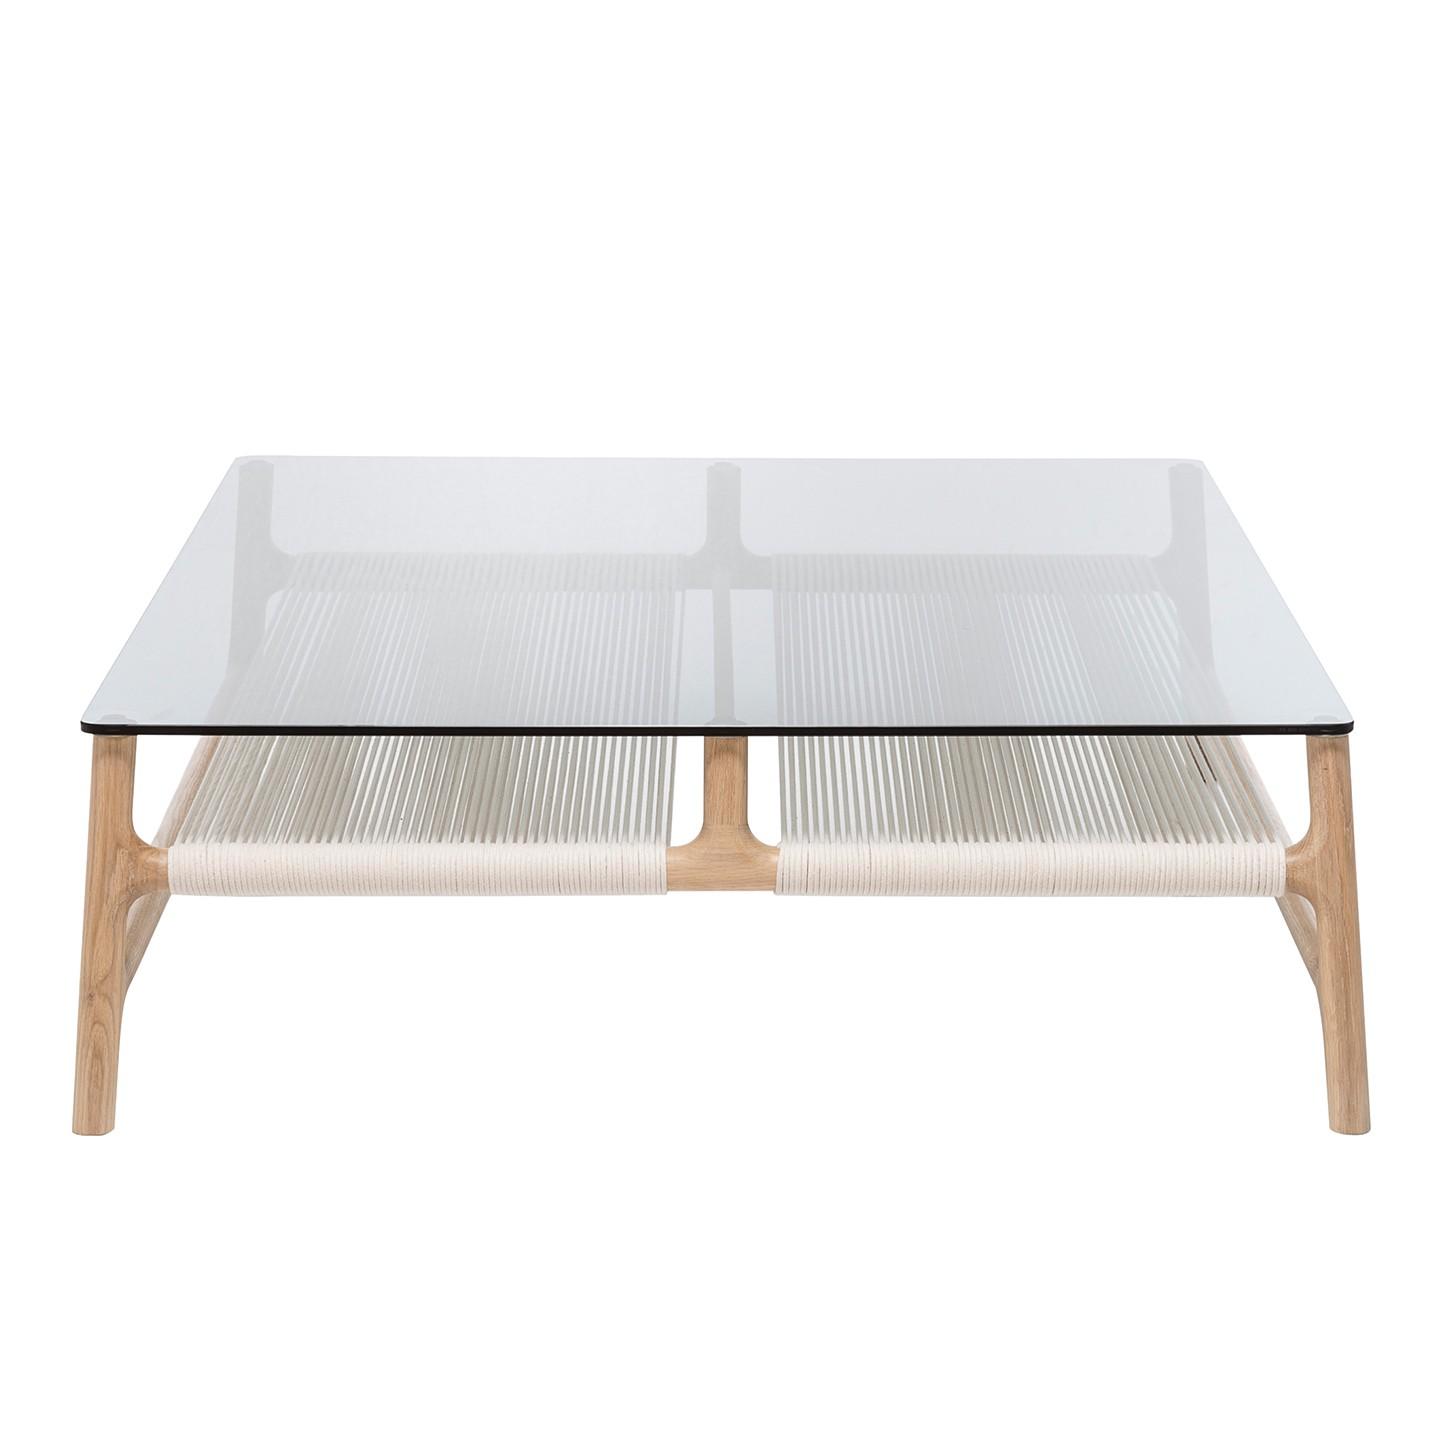 couchtisch grau glas trendy couchtisch salzburg grau with couchtisch grau glas awesome. Black Bedroom Furniture Sets. Home Design Ideas